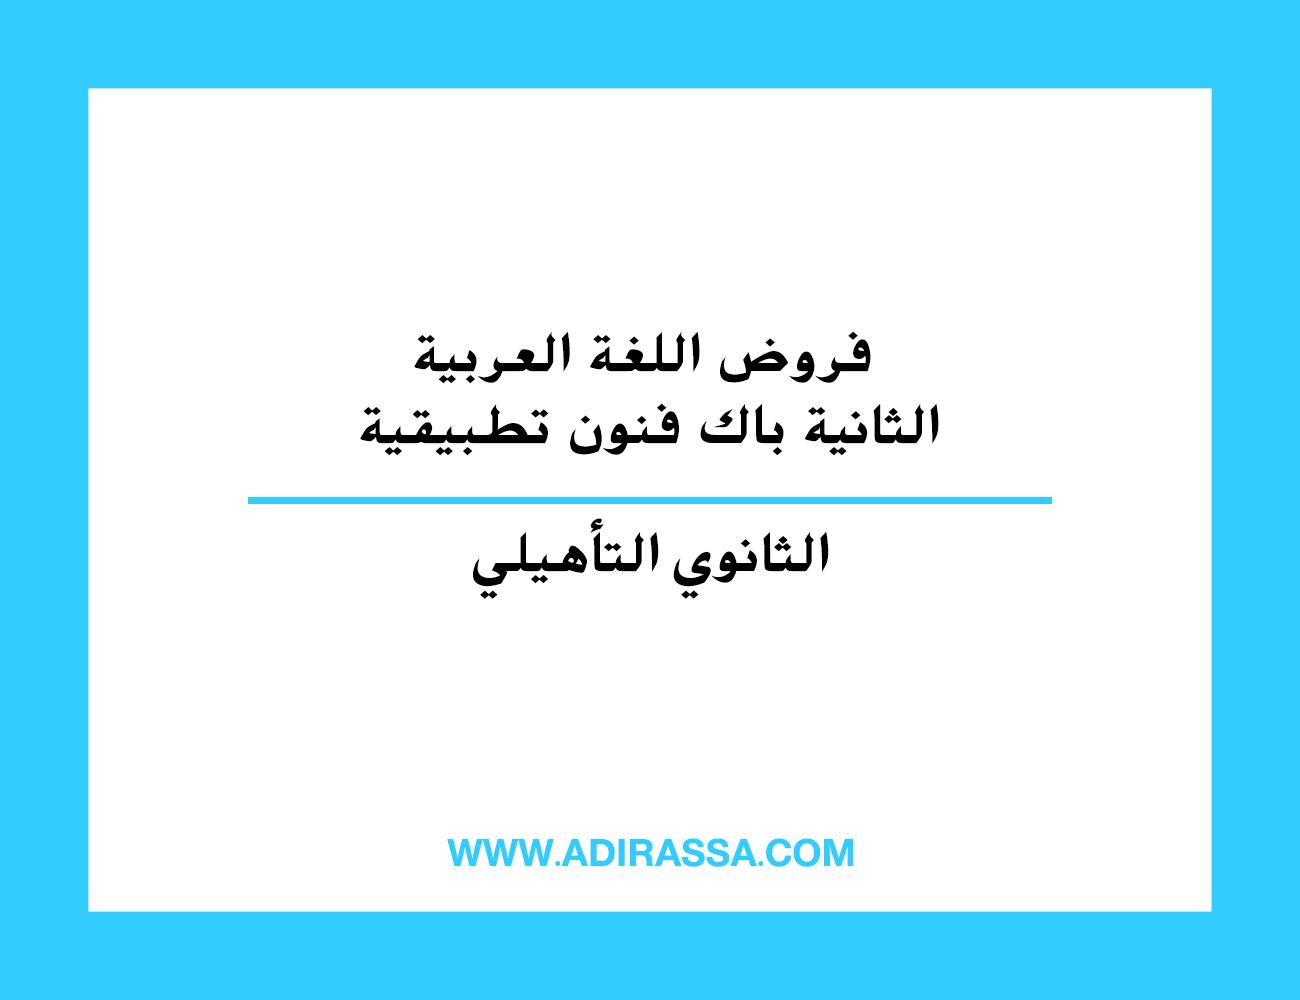 فروض اللغة العربية الثانية باك فنون تطبيقية بالثانوي التأهيلي